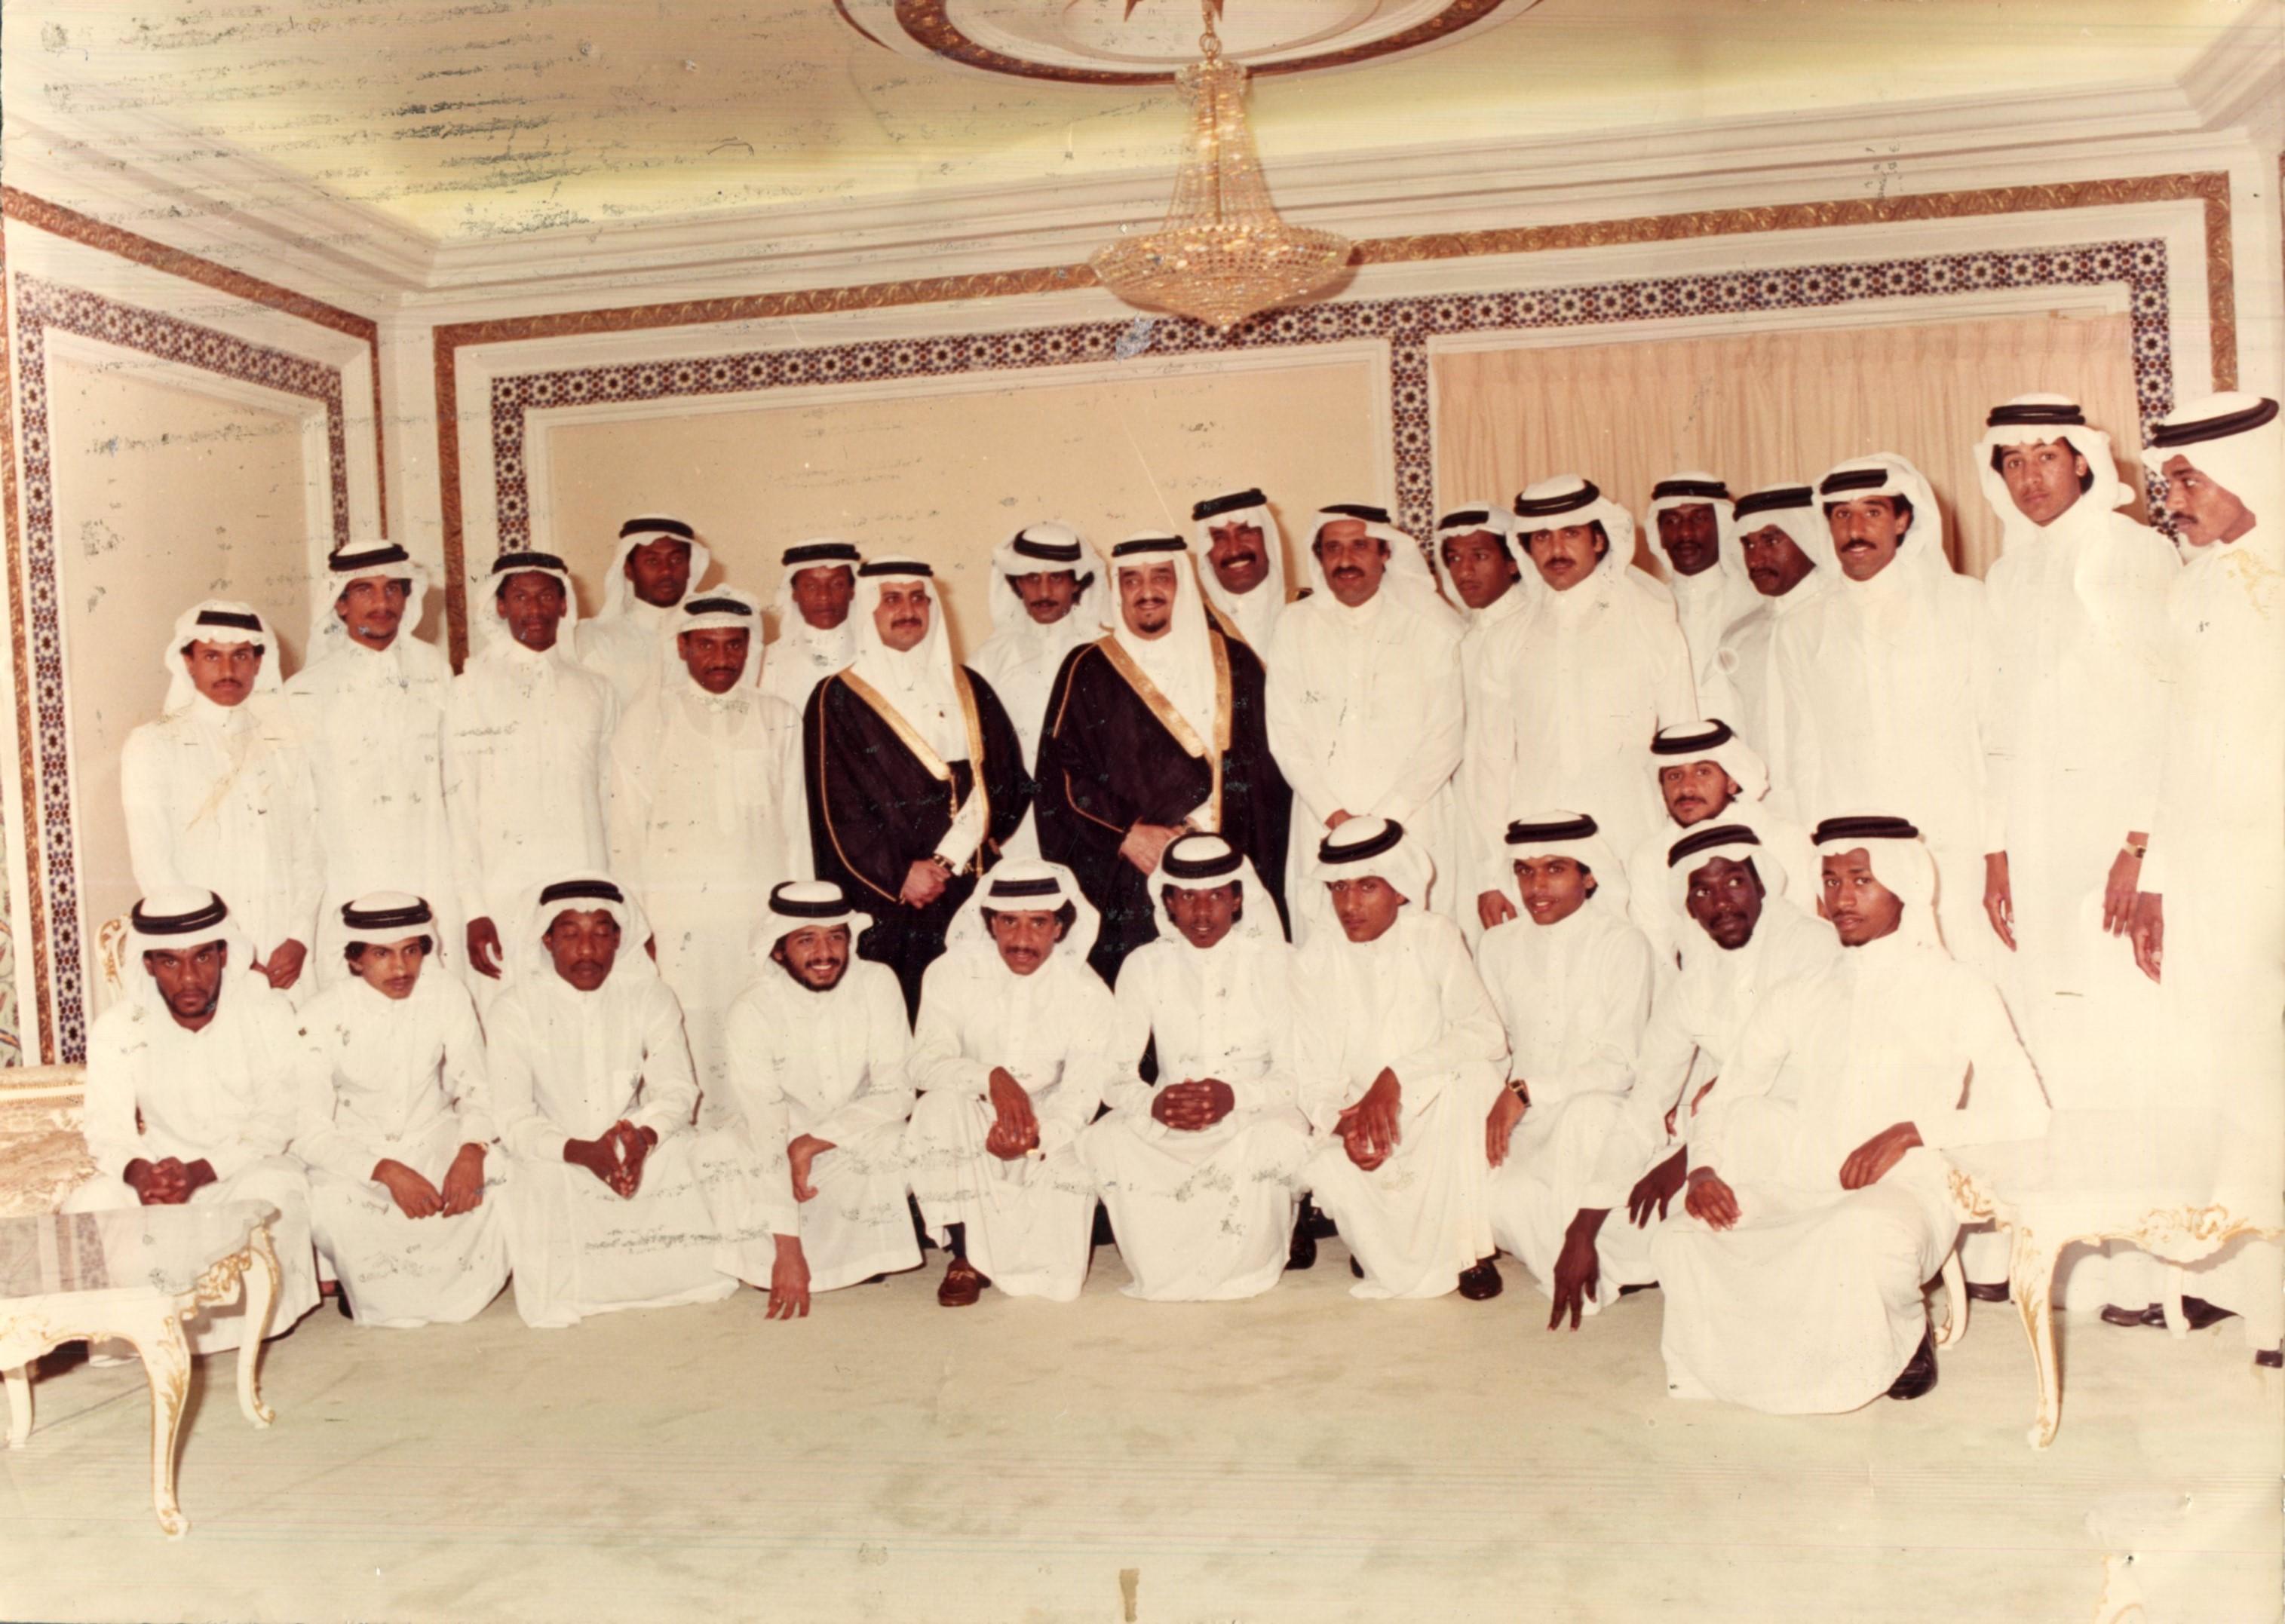 109297_الملك فهد بن عبد العزيز في لقطة تذكارية مع إداريي ولاعب المنتخب الوطني.jpg